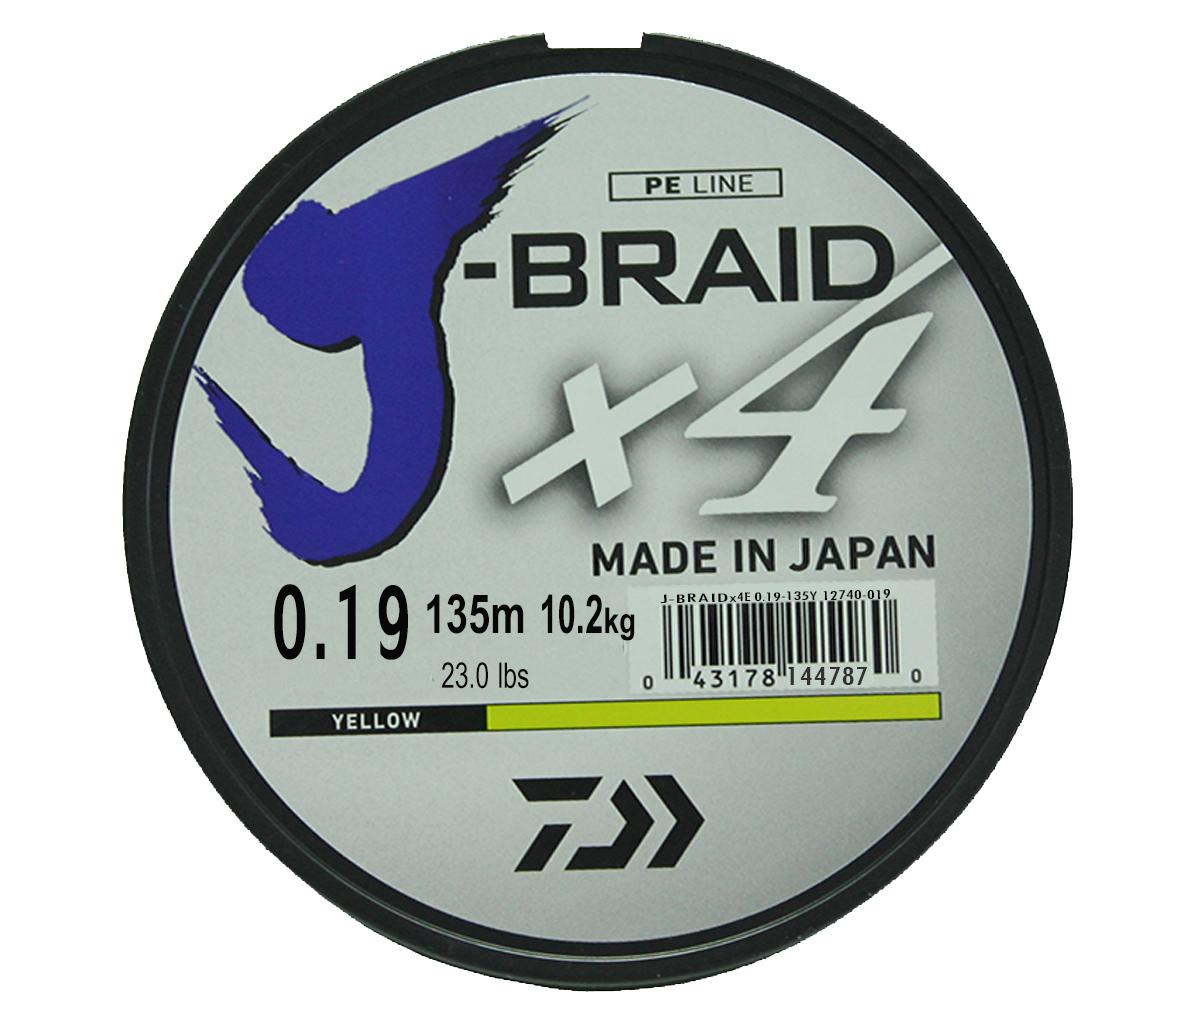 Шнур плетеный Daiwa J-Braid X4, цвет: флуоресцентный желтый, 135 м, 0,19 мм61140Новый четырехжильный шнур J-Braid от Daiwa - шнур высокого класса с удивительным соотношением цены и качества. Качество плетения полностью соответствует японским стандартам и удовлетворяет всем требованиям. Представленные диаметры позволяют использовать шнур для всех техник ловли, начиная от Ultra-Light ловли окуня, до морской ловли палтуса, трески и так далее.